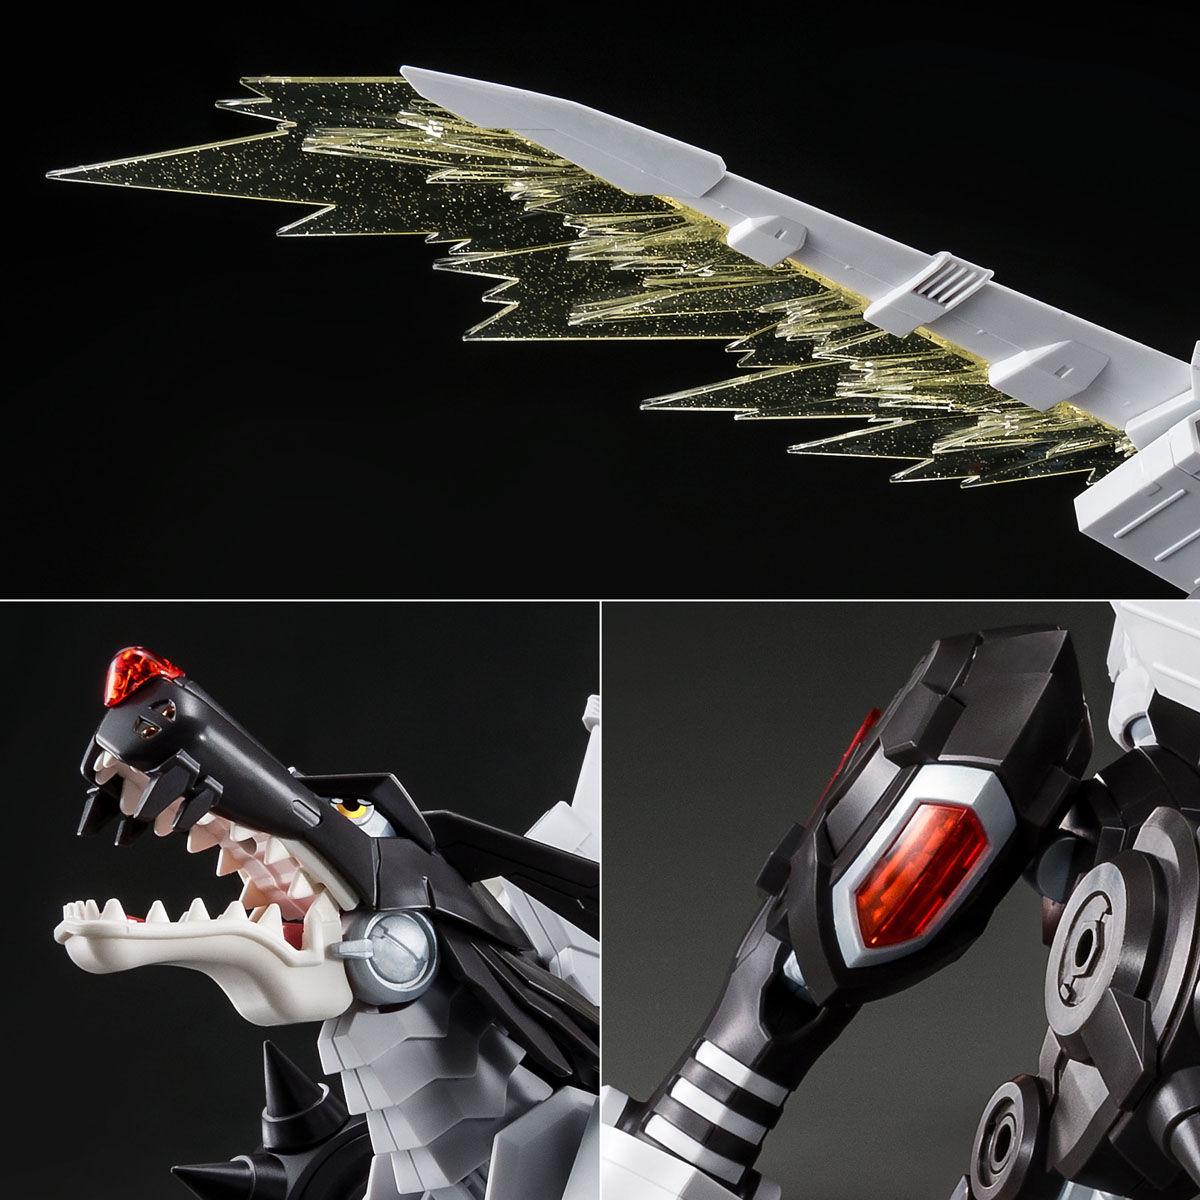 【限定販売】Figure-rise Standard Amplified『メタルガルルモン(ブラックVer.)』プラモデル-008